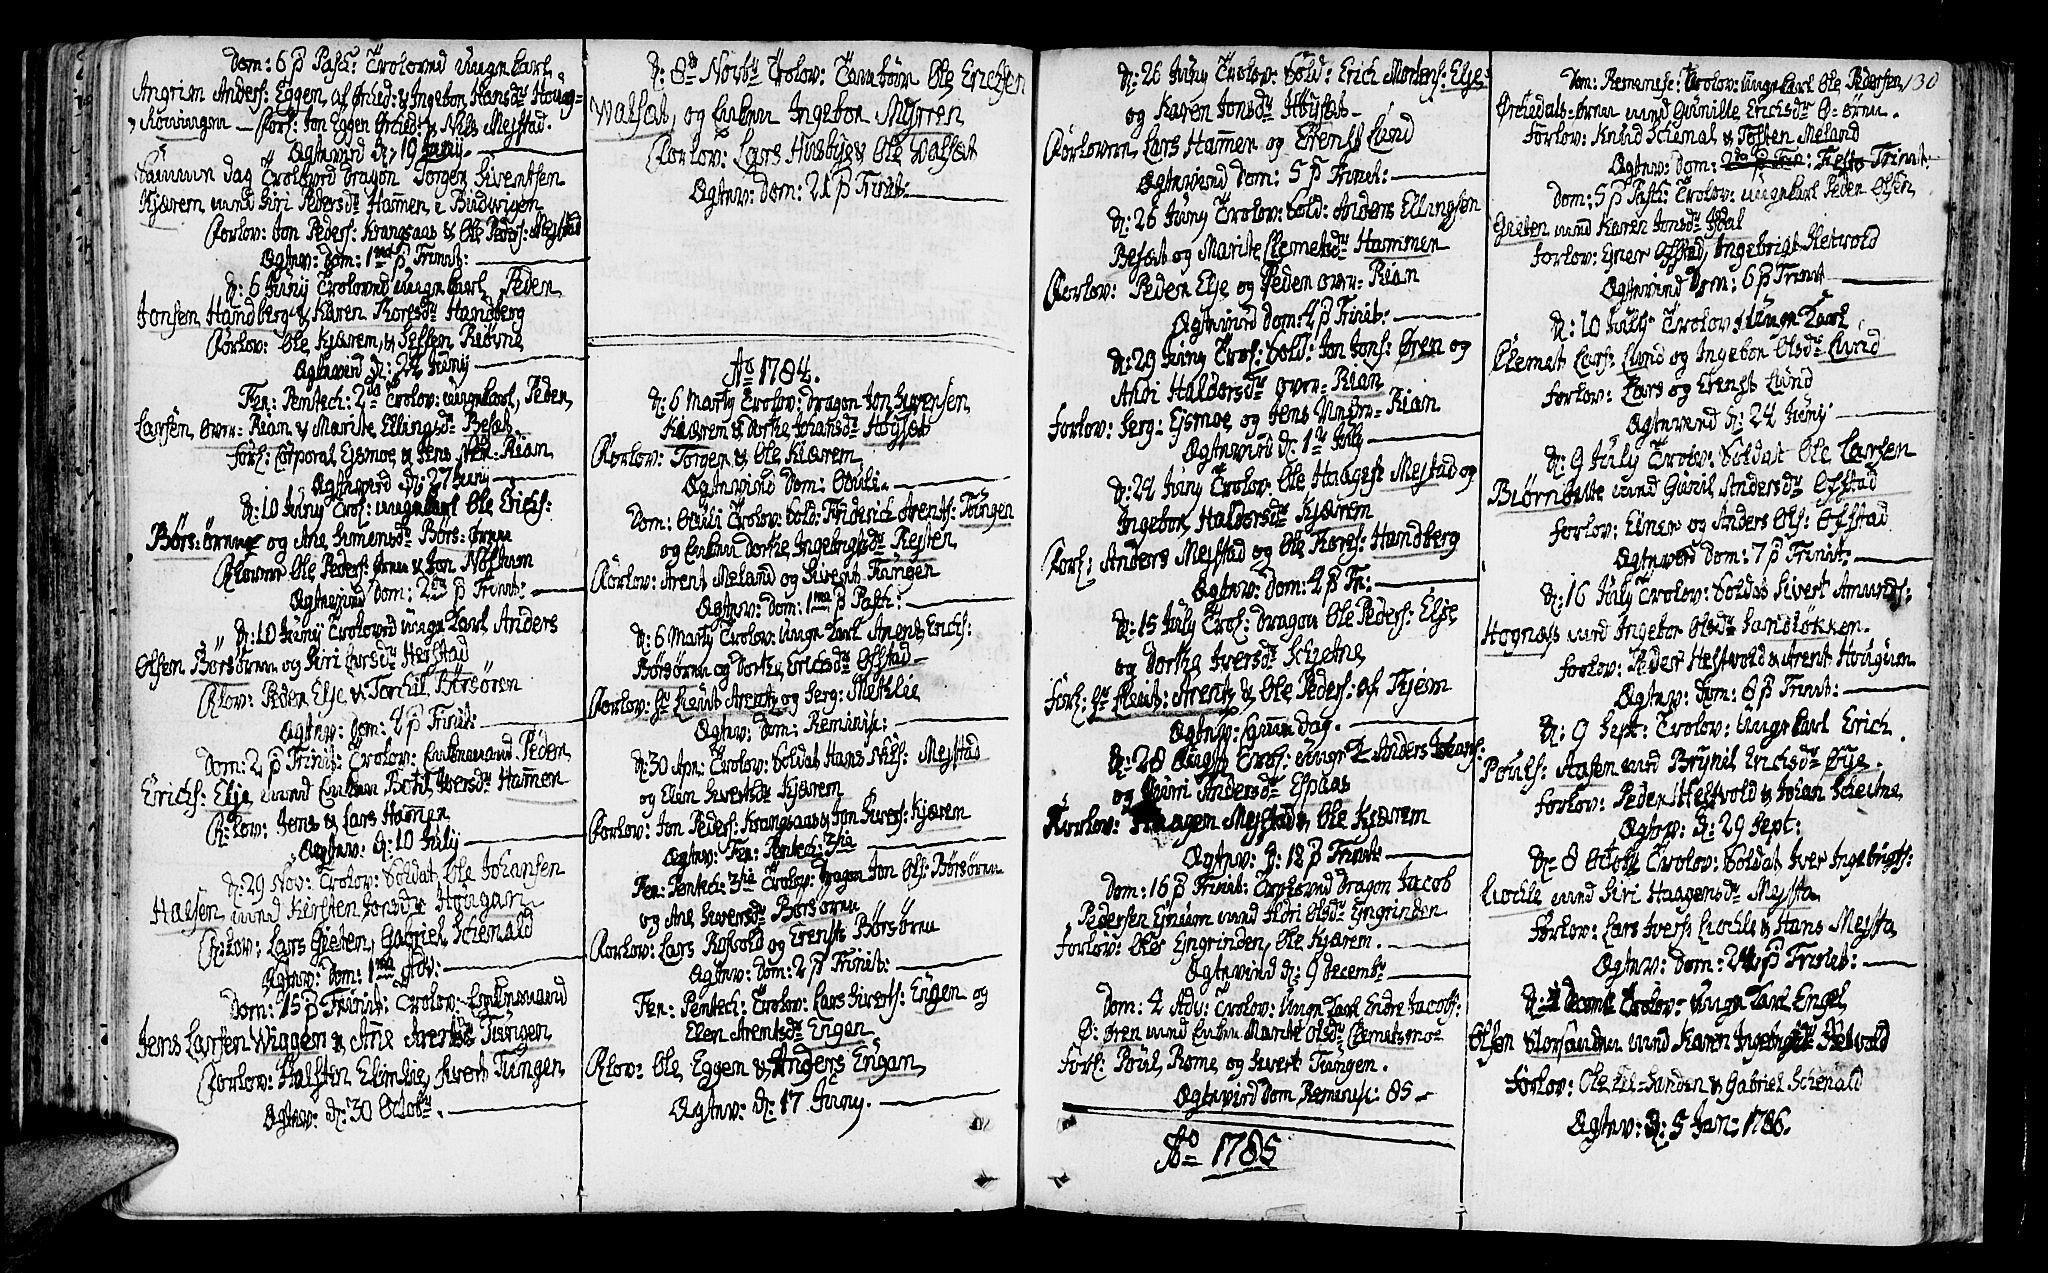 SAT, Ministerialprotokoller, klokkerbøker og fødselsregistre - Sør-Trøndelag, 665/L0768: Ministerialbok nr. 665A03, 1754-1803, s. 130